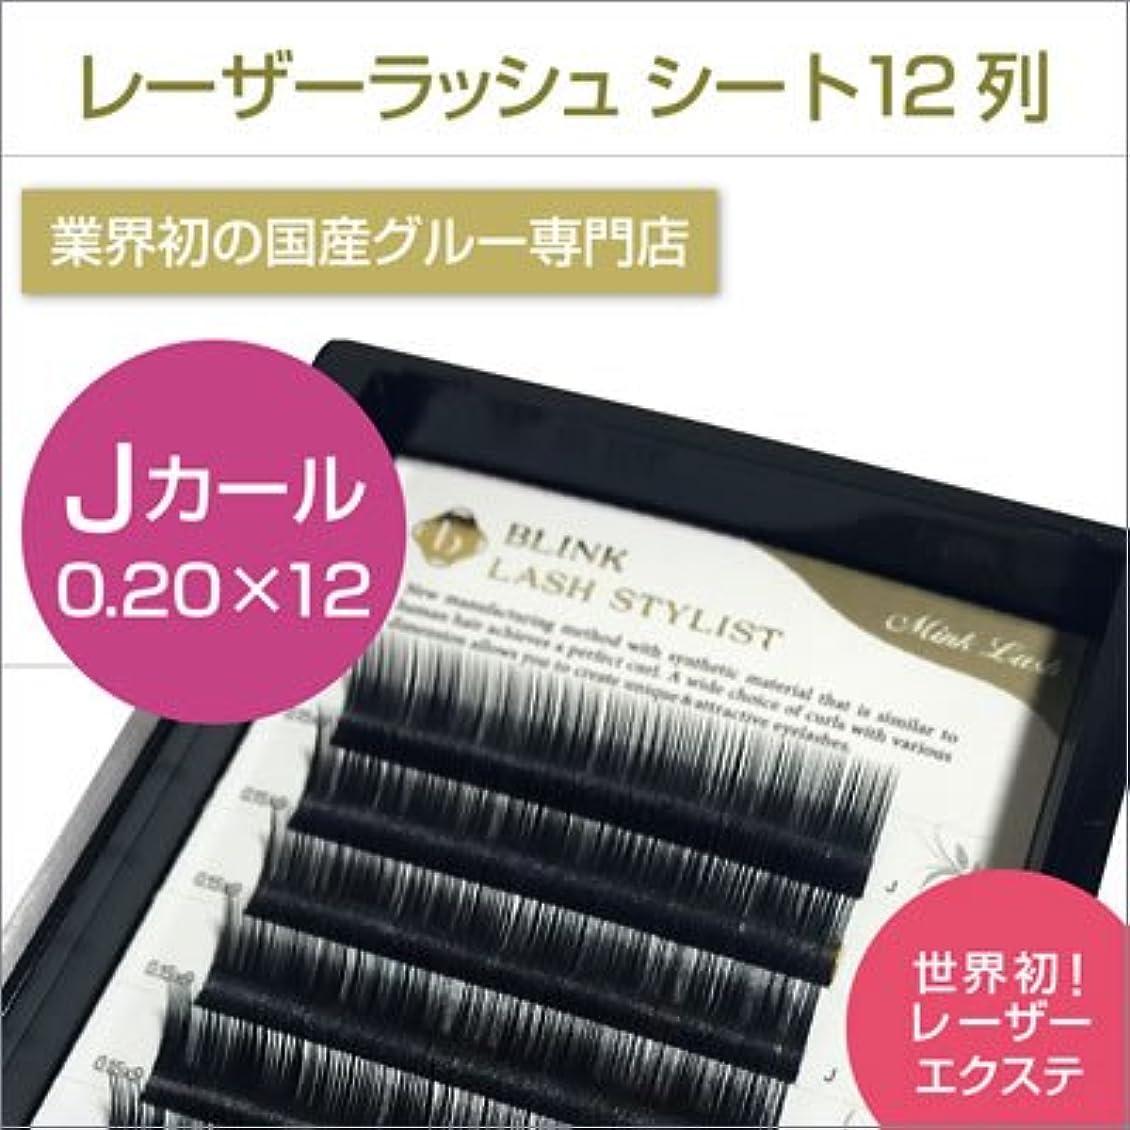 好ましいハンドブック建設orlo(オルロ) レーザーエクステ ミンクラッシュ Jカール 0.2mm×12mm